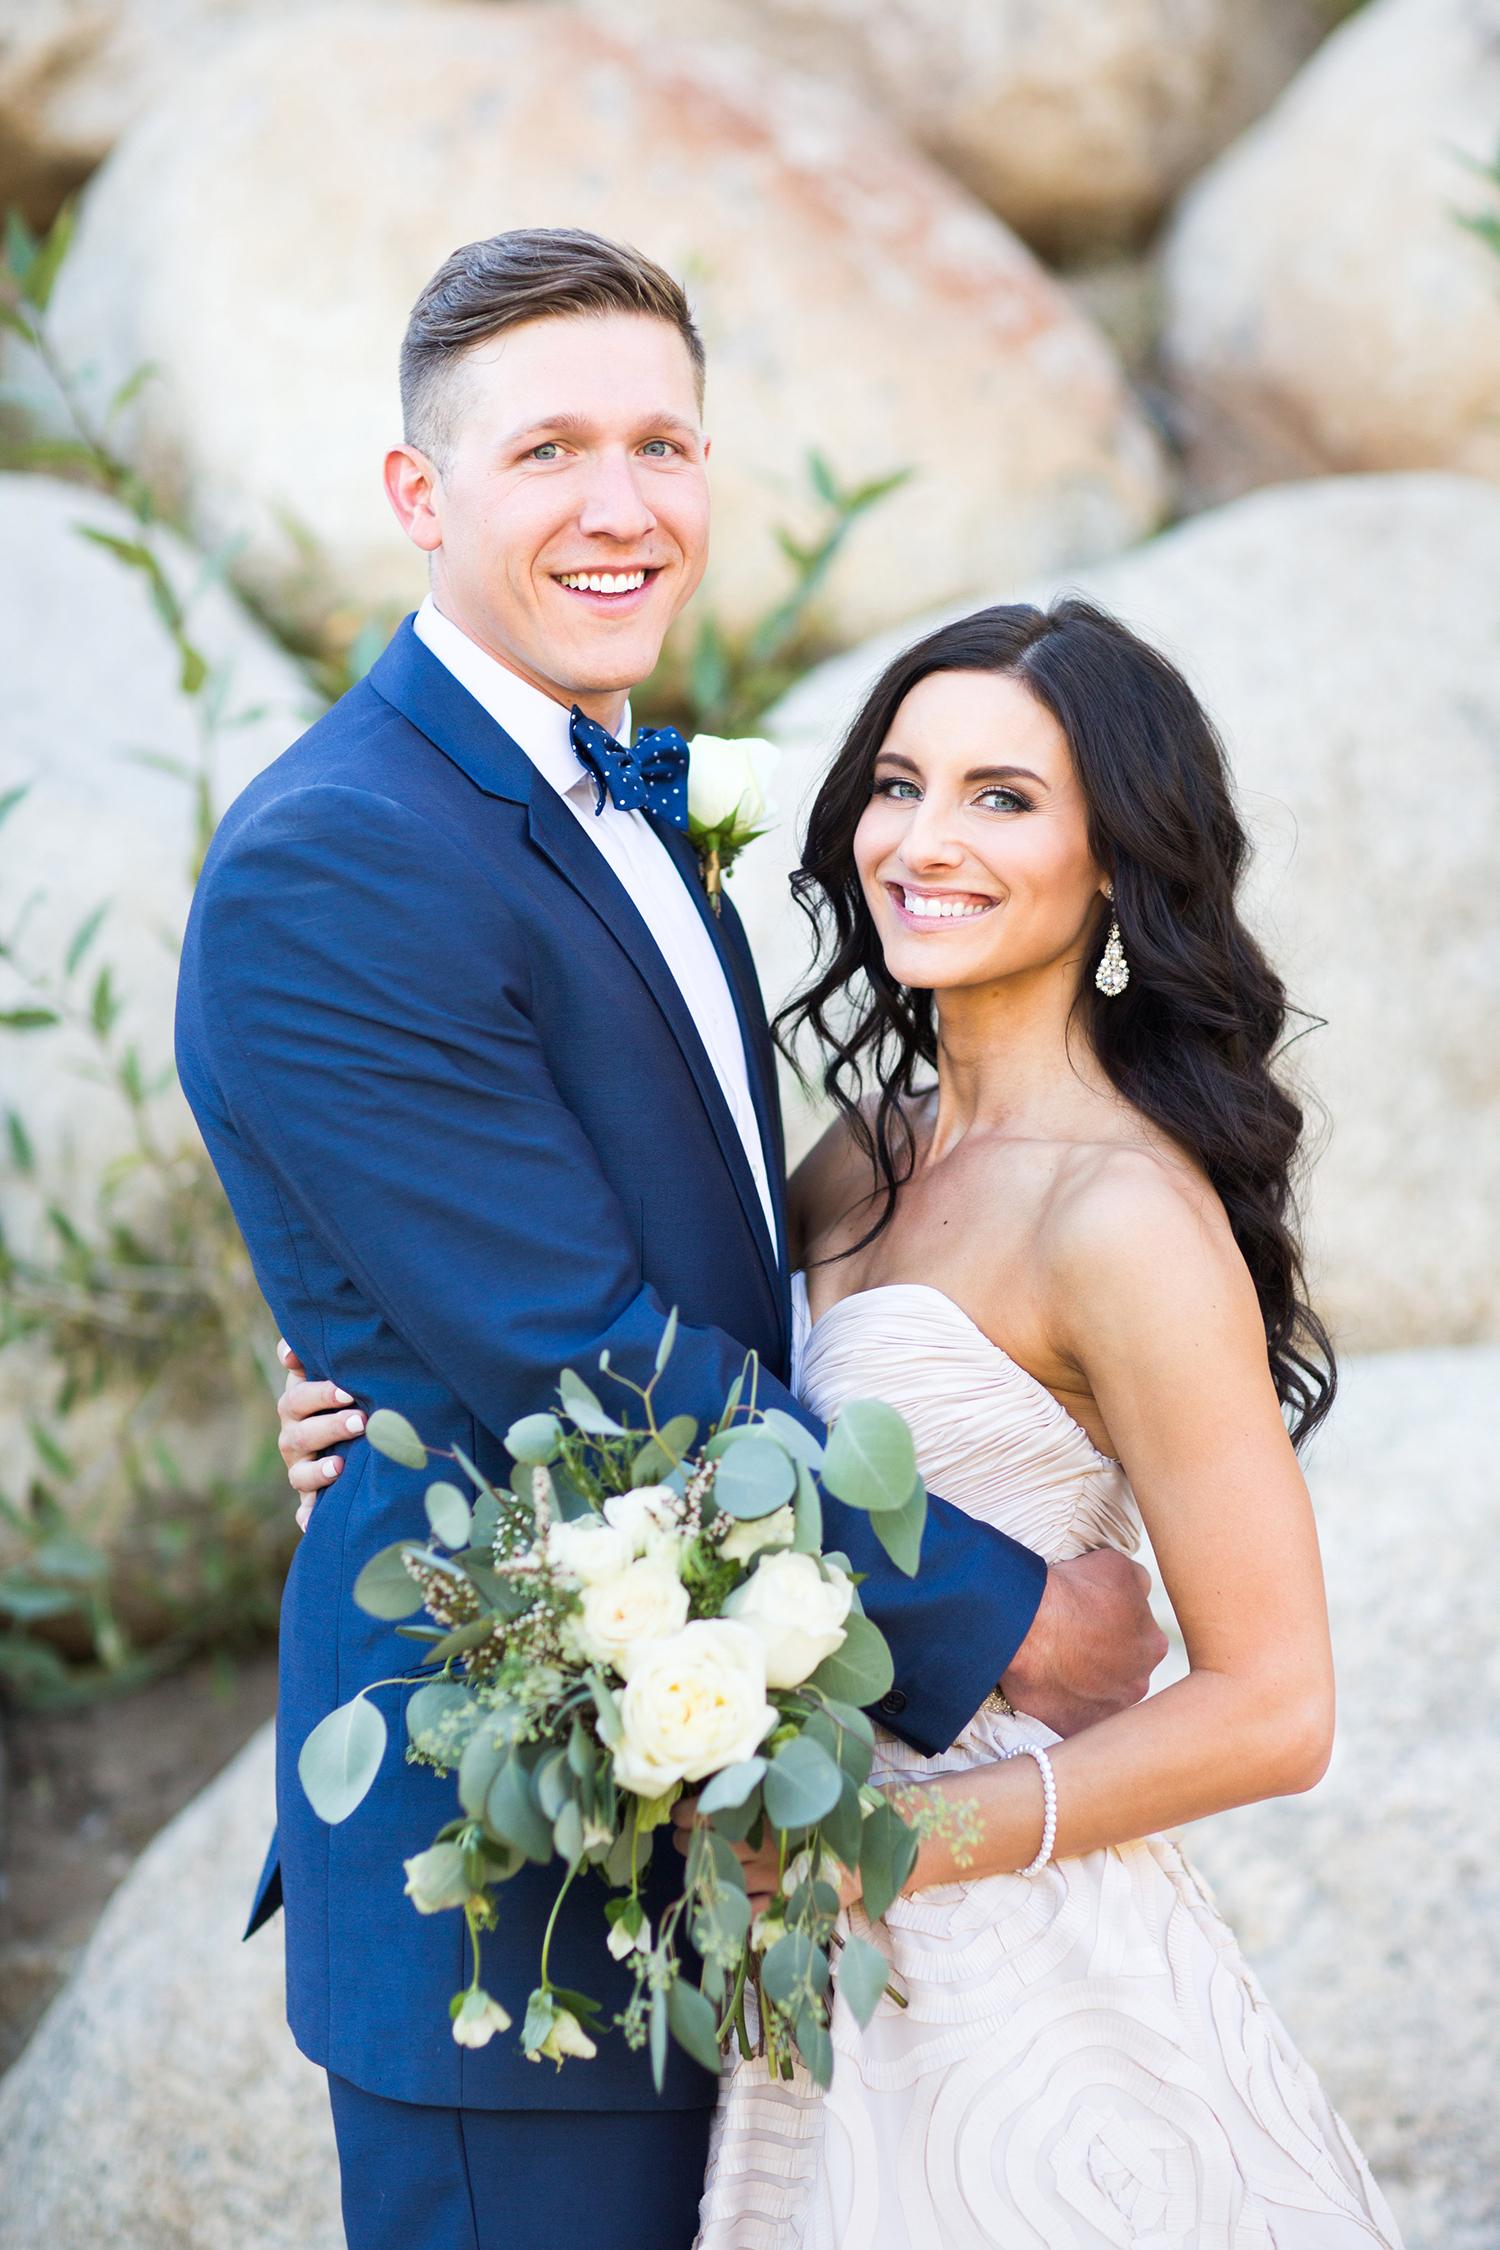 Timeless-Elegant-Surf-Chateau-Wedding-Buena-Vista-Colorado-01.jpg